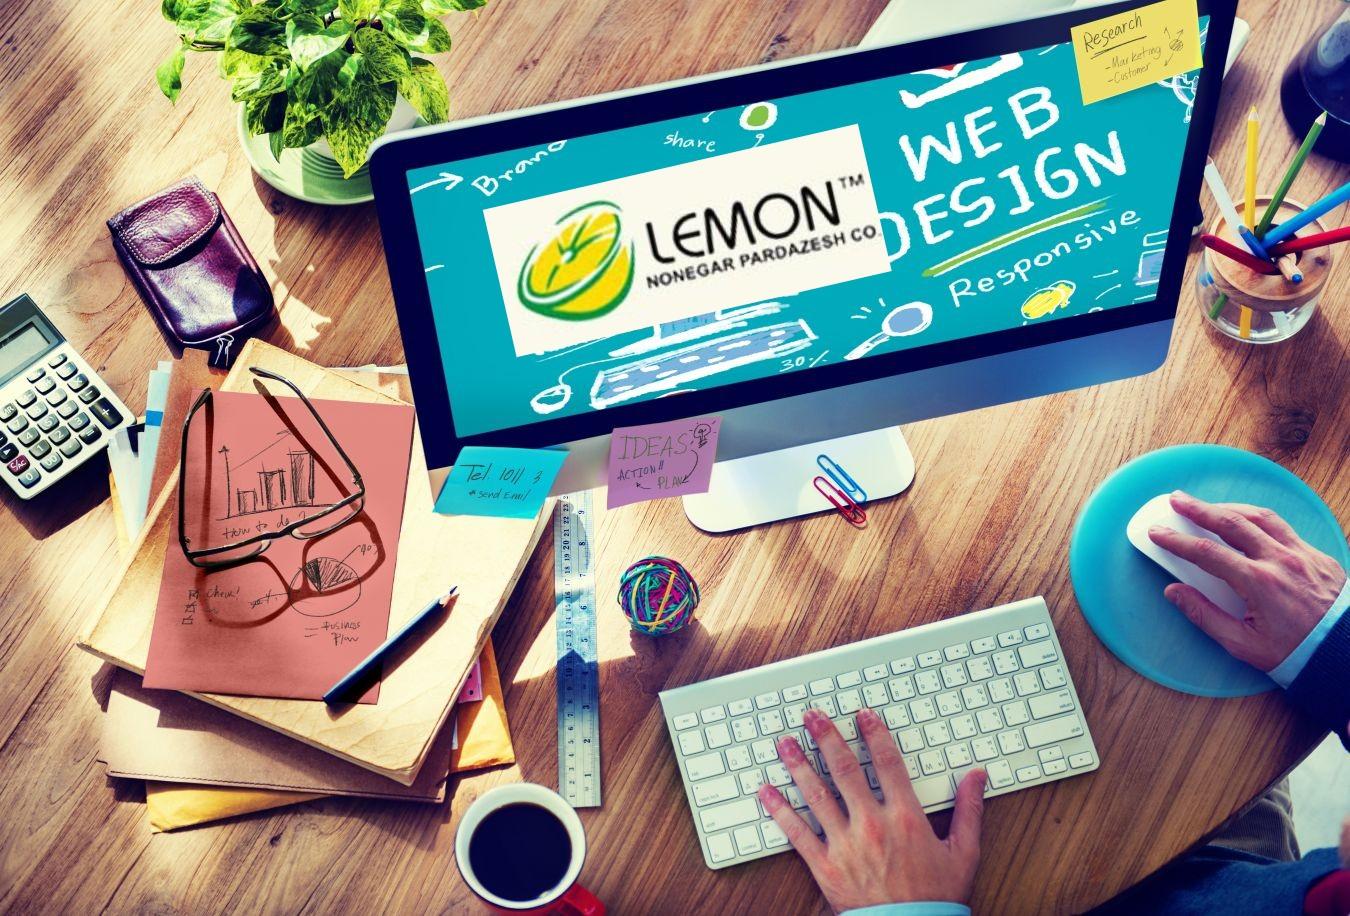 چند نکته مناسب برای پیشرفت در طراحی وب سایت